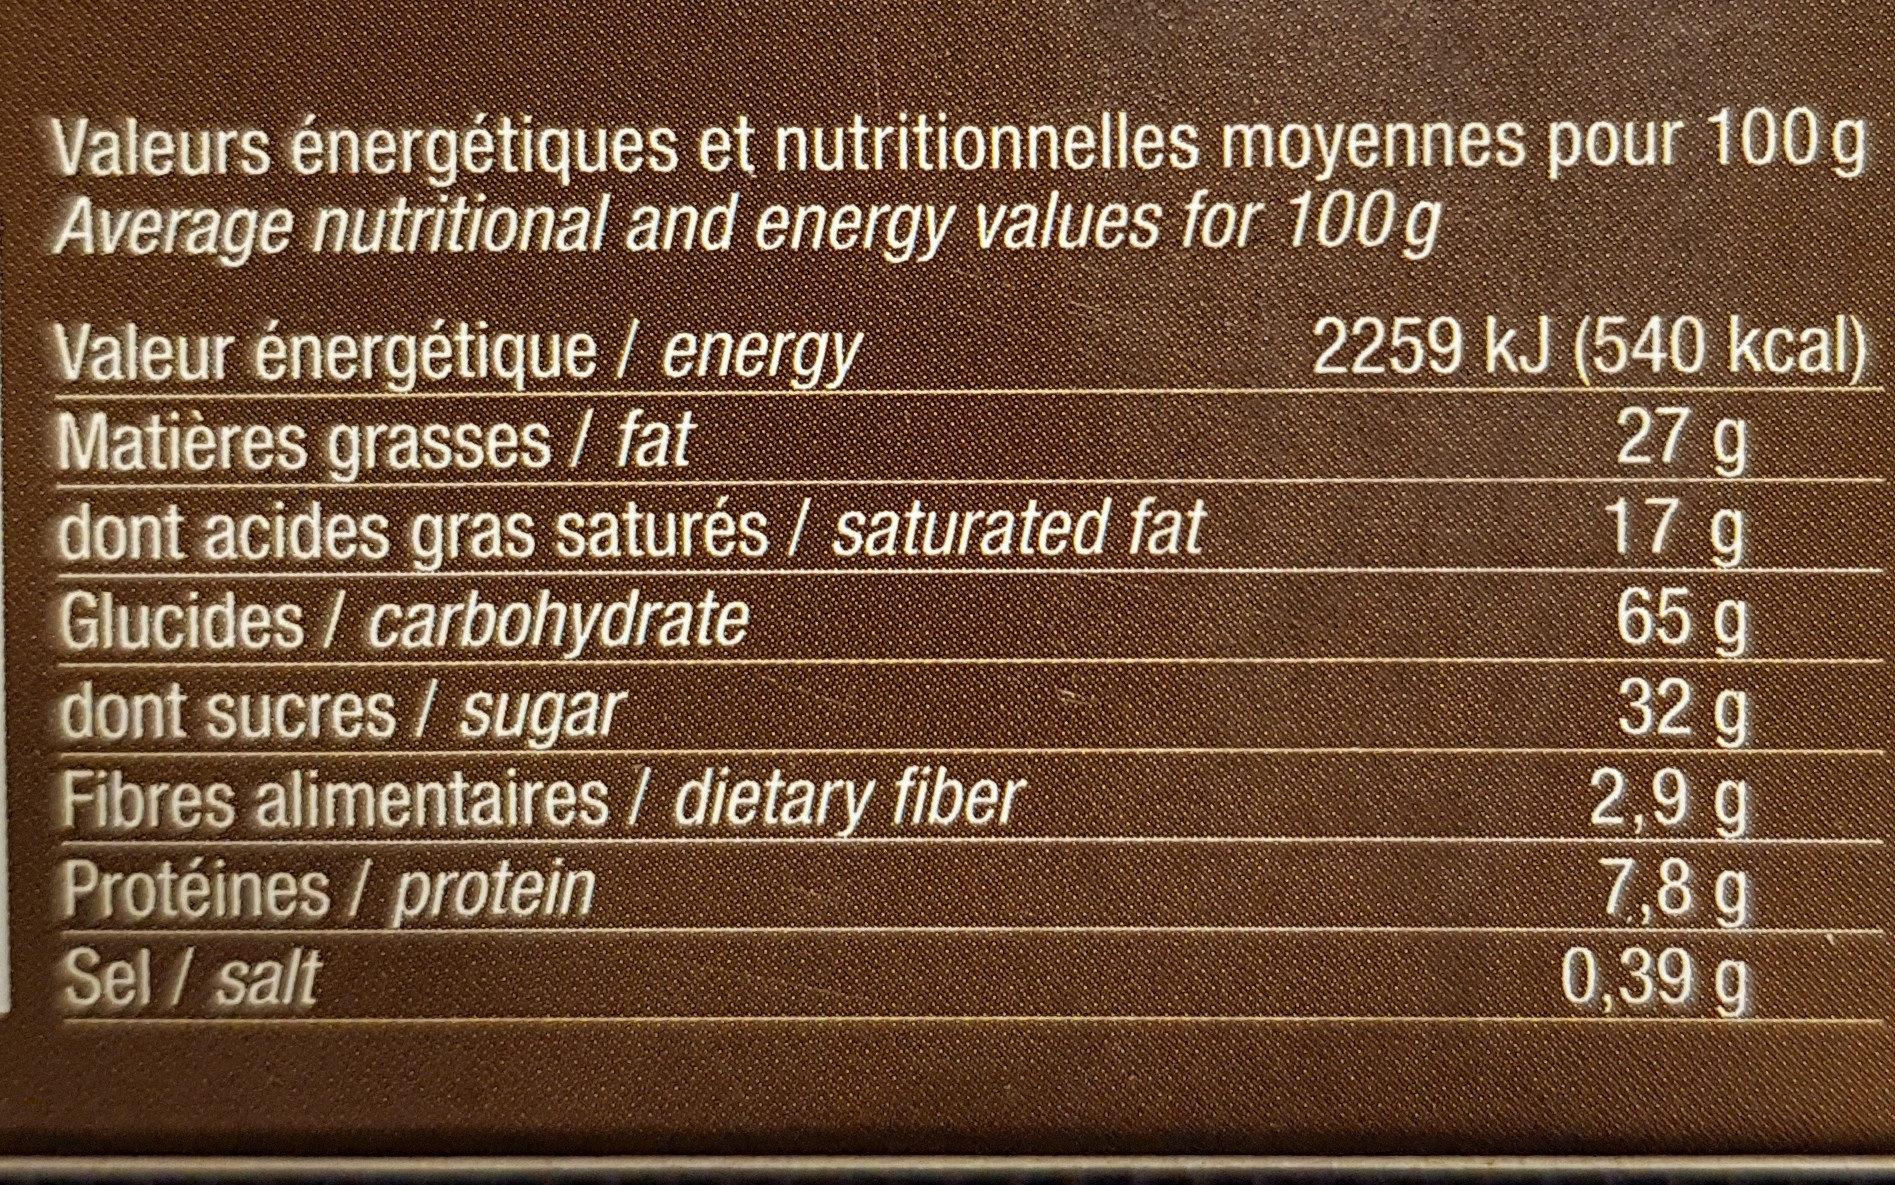 Les broyés du Poitou aux pépites de chocolat - Informations nutritionnelles